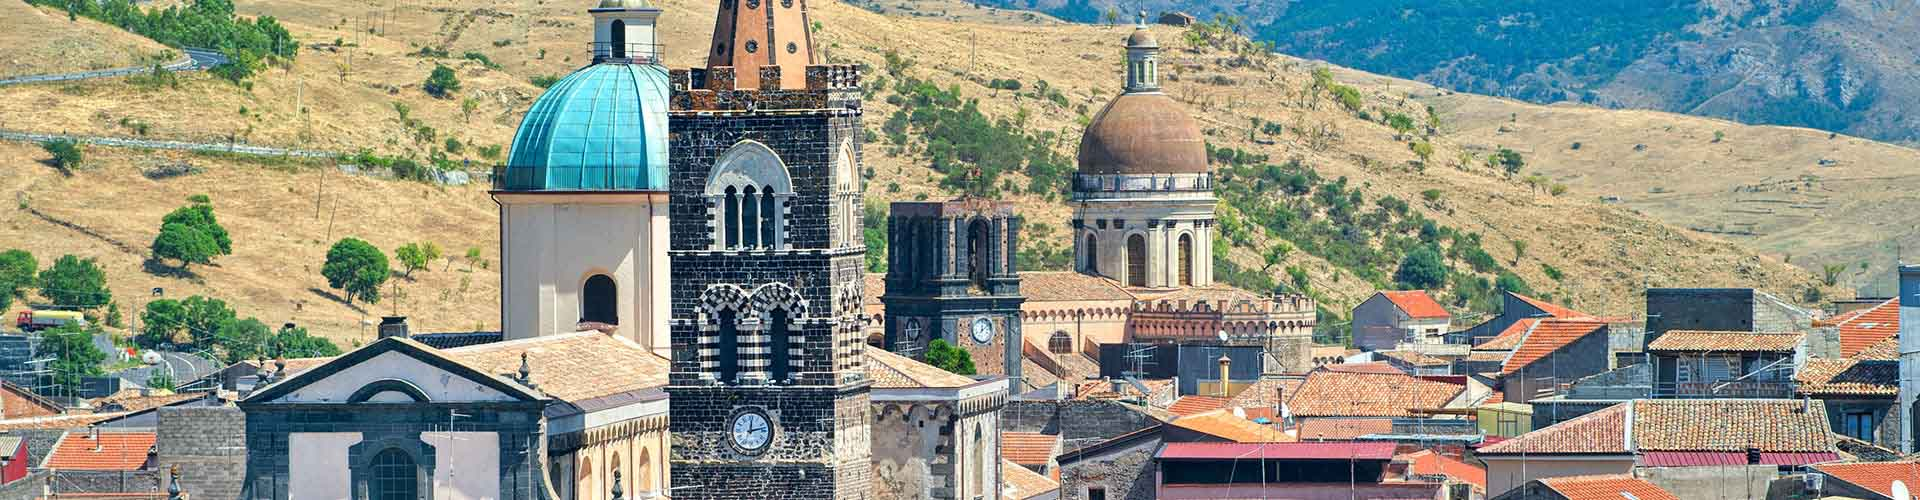 Sicile - Auberges de jeunesse et chambres pas chères à Sicile. Cartes de Sicile, photos et commentaires pour chaque Auberge de jeunesse et chambre pas chère à Sicile.